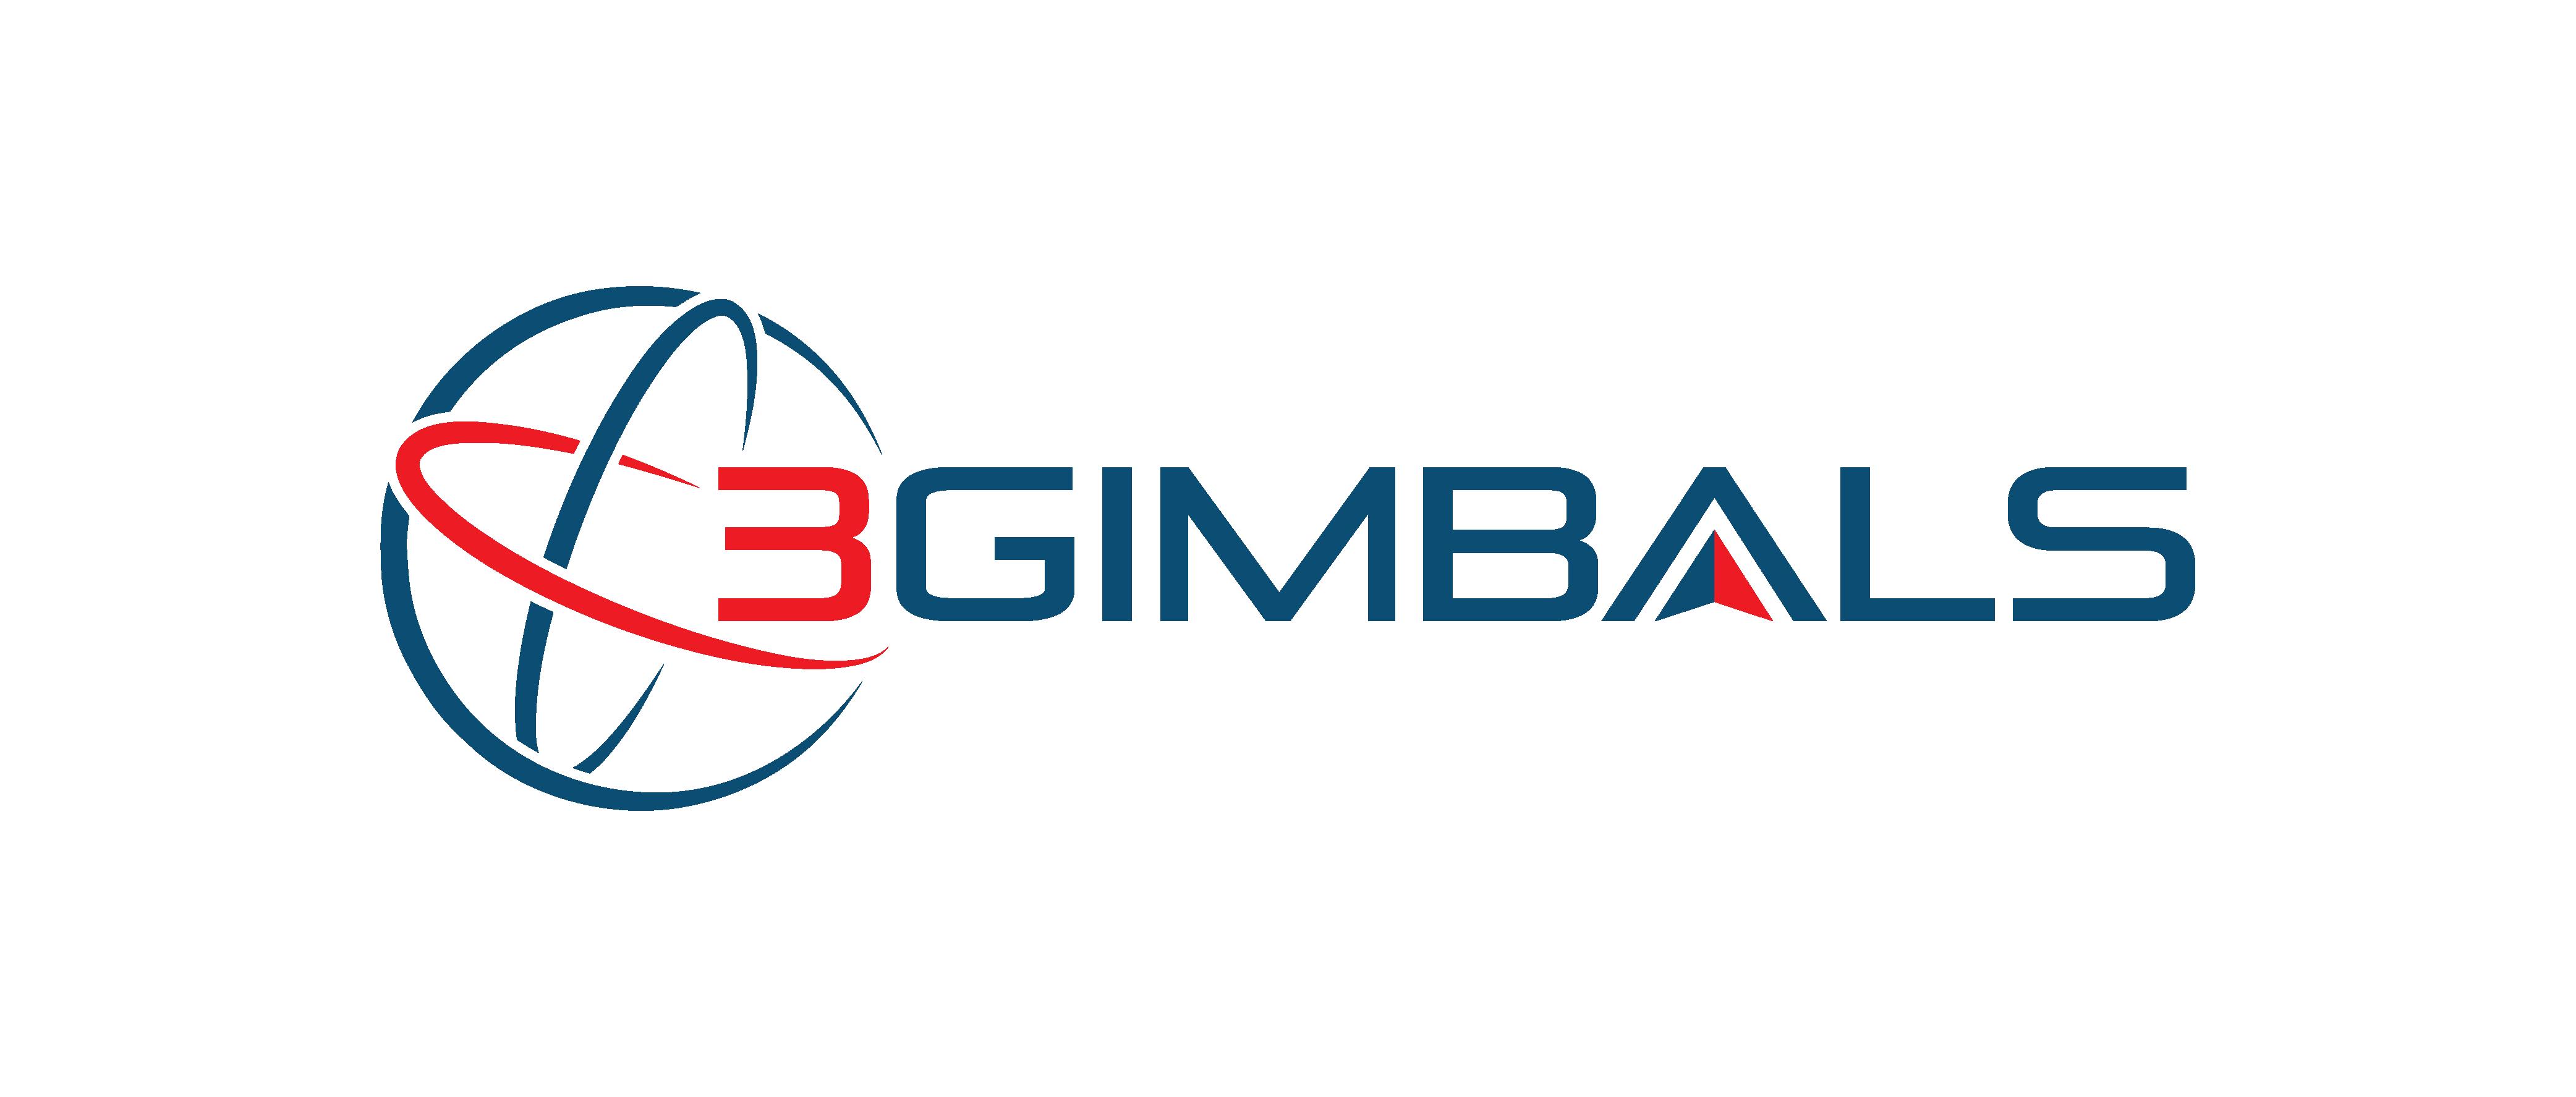 3Gimbals logo